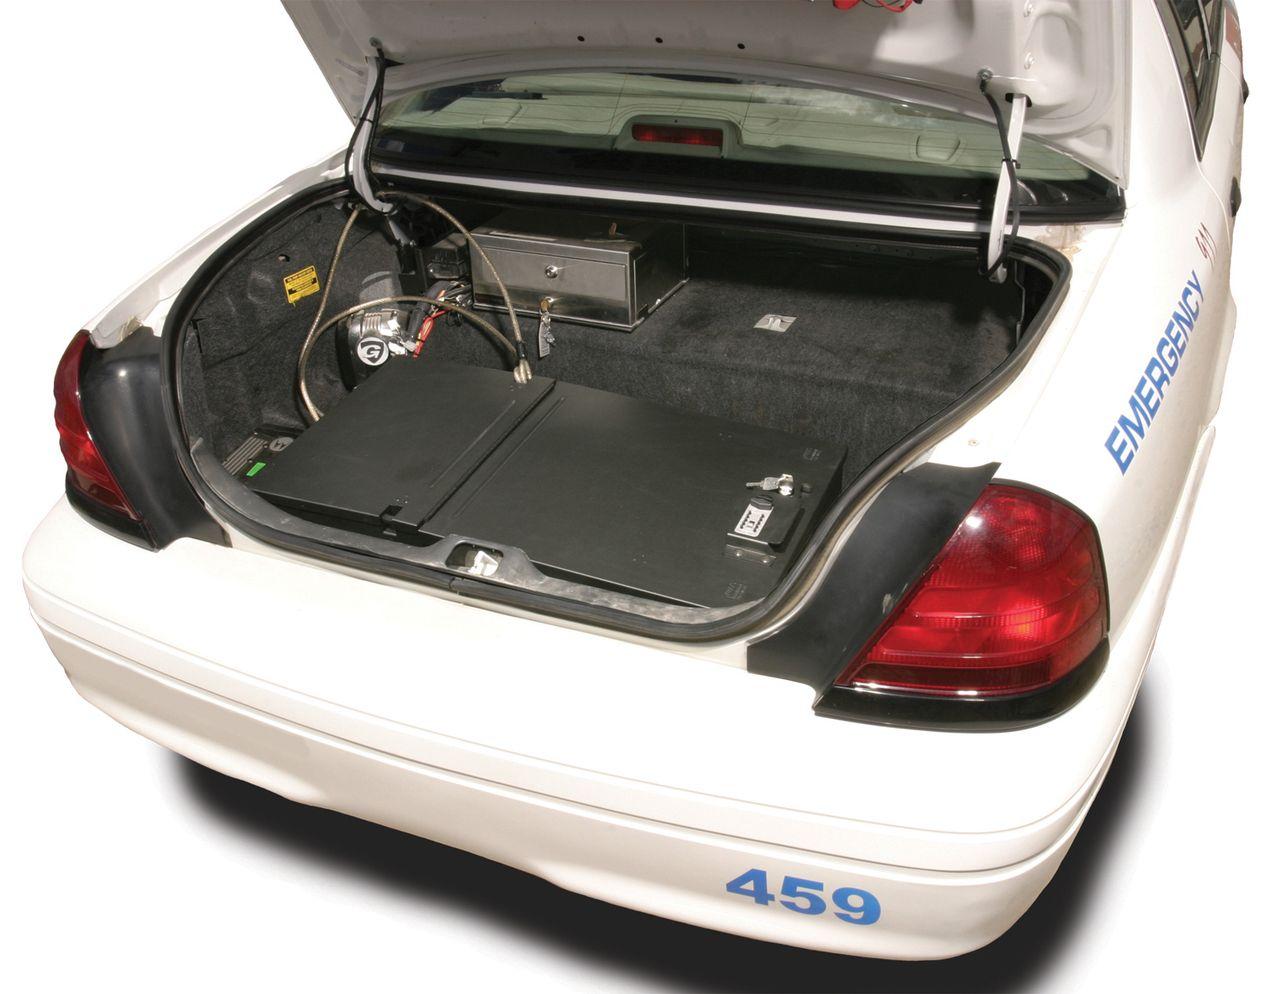 NOVISauto Kofferraum Sicherheitsbox Gewehrbox und Waffentresor Fahrzeuge Kofferraumeinbau 253